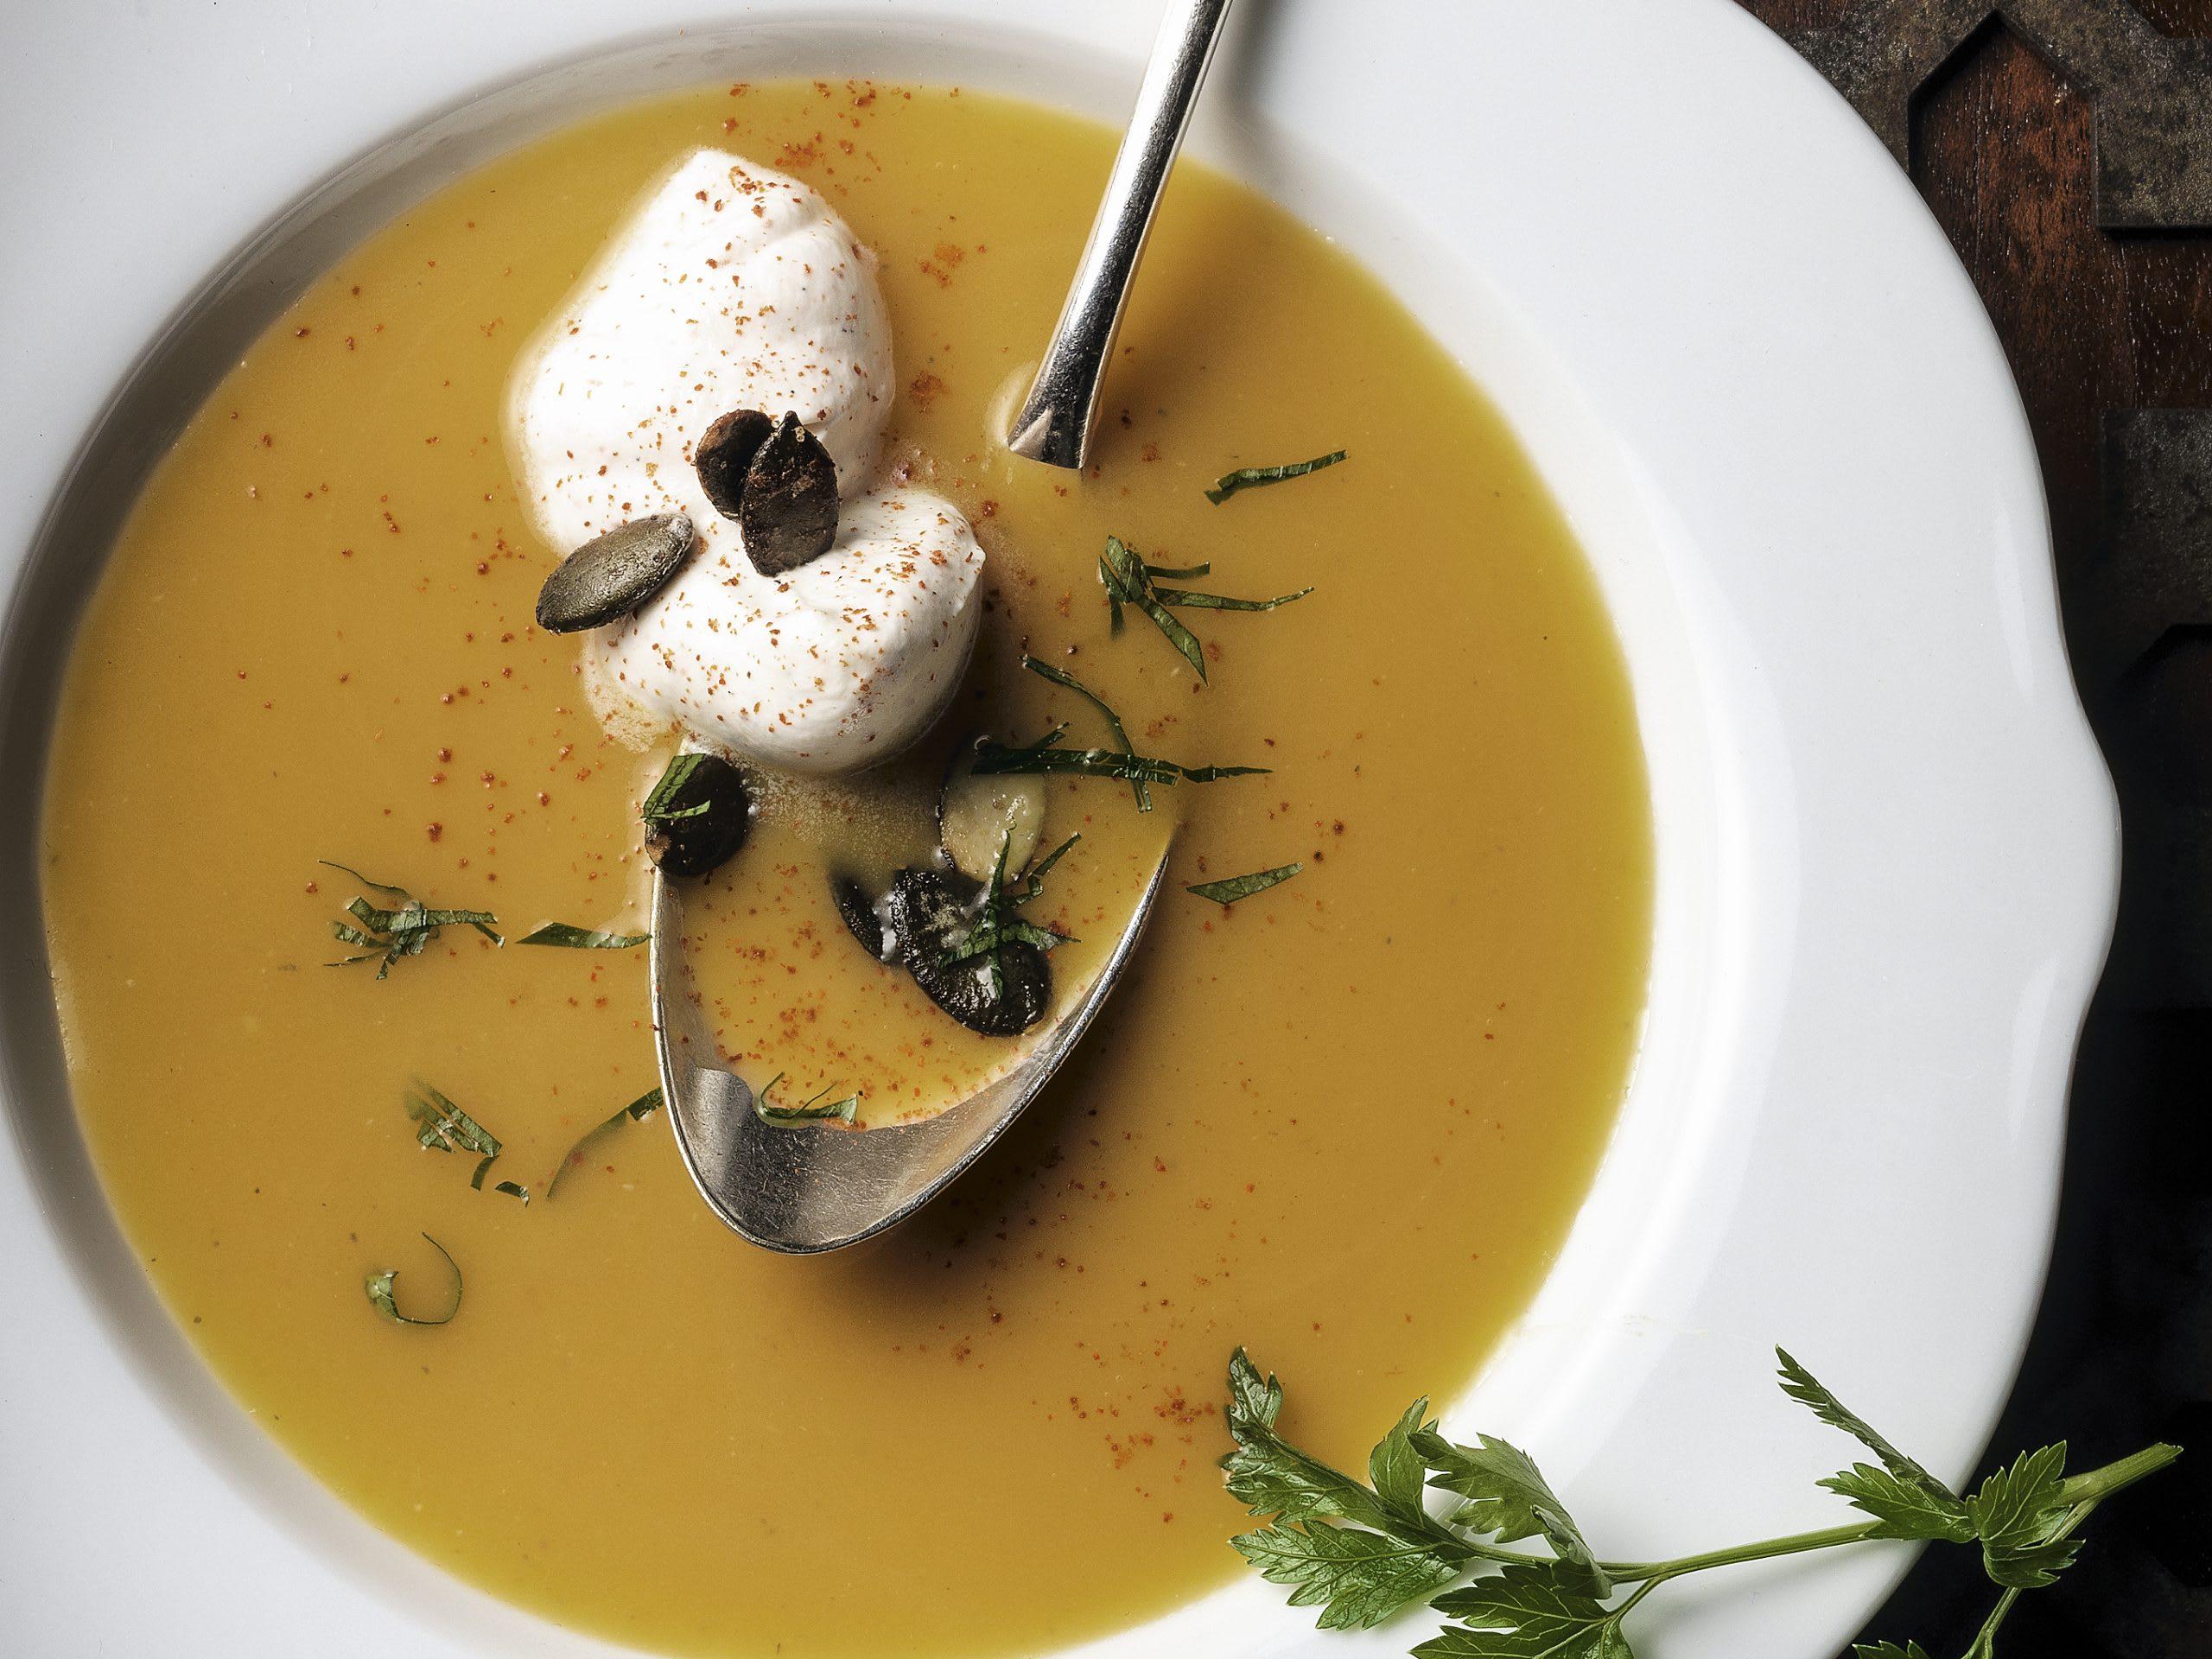 Potage de courge, mousse miel-vanille et graines rôties au miel